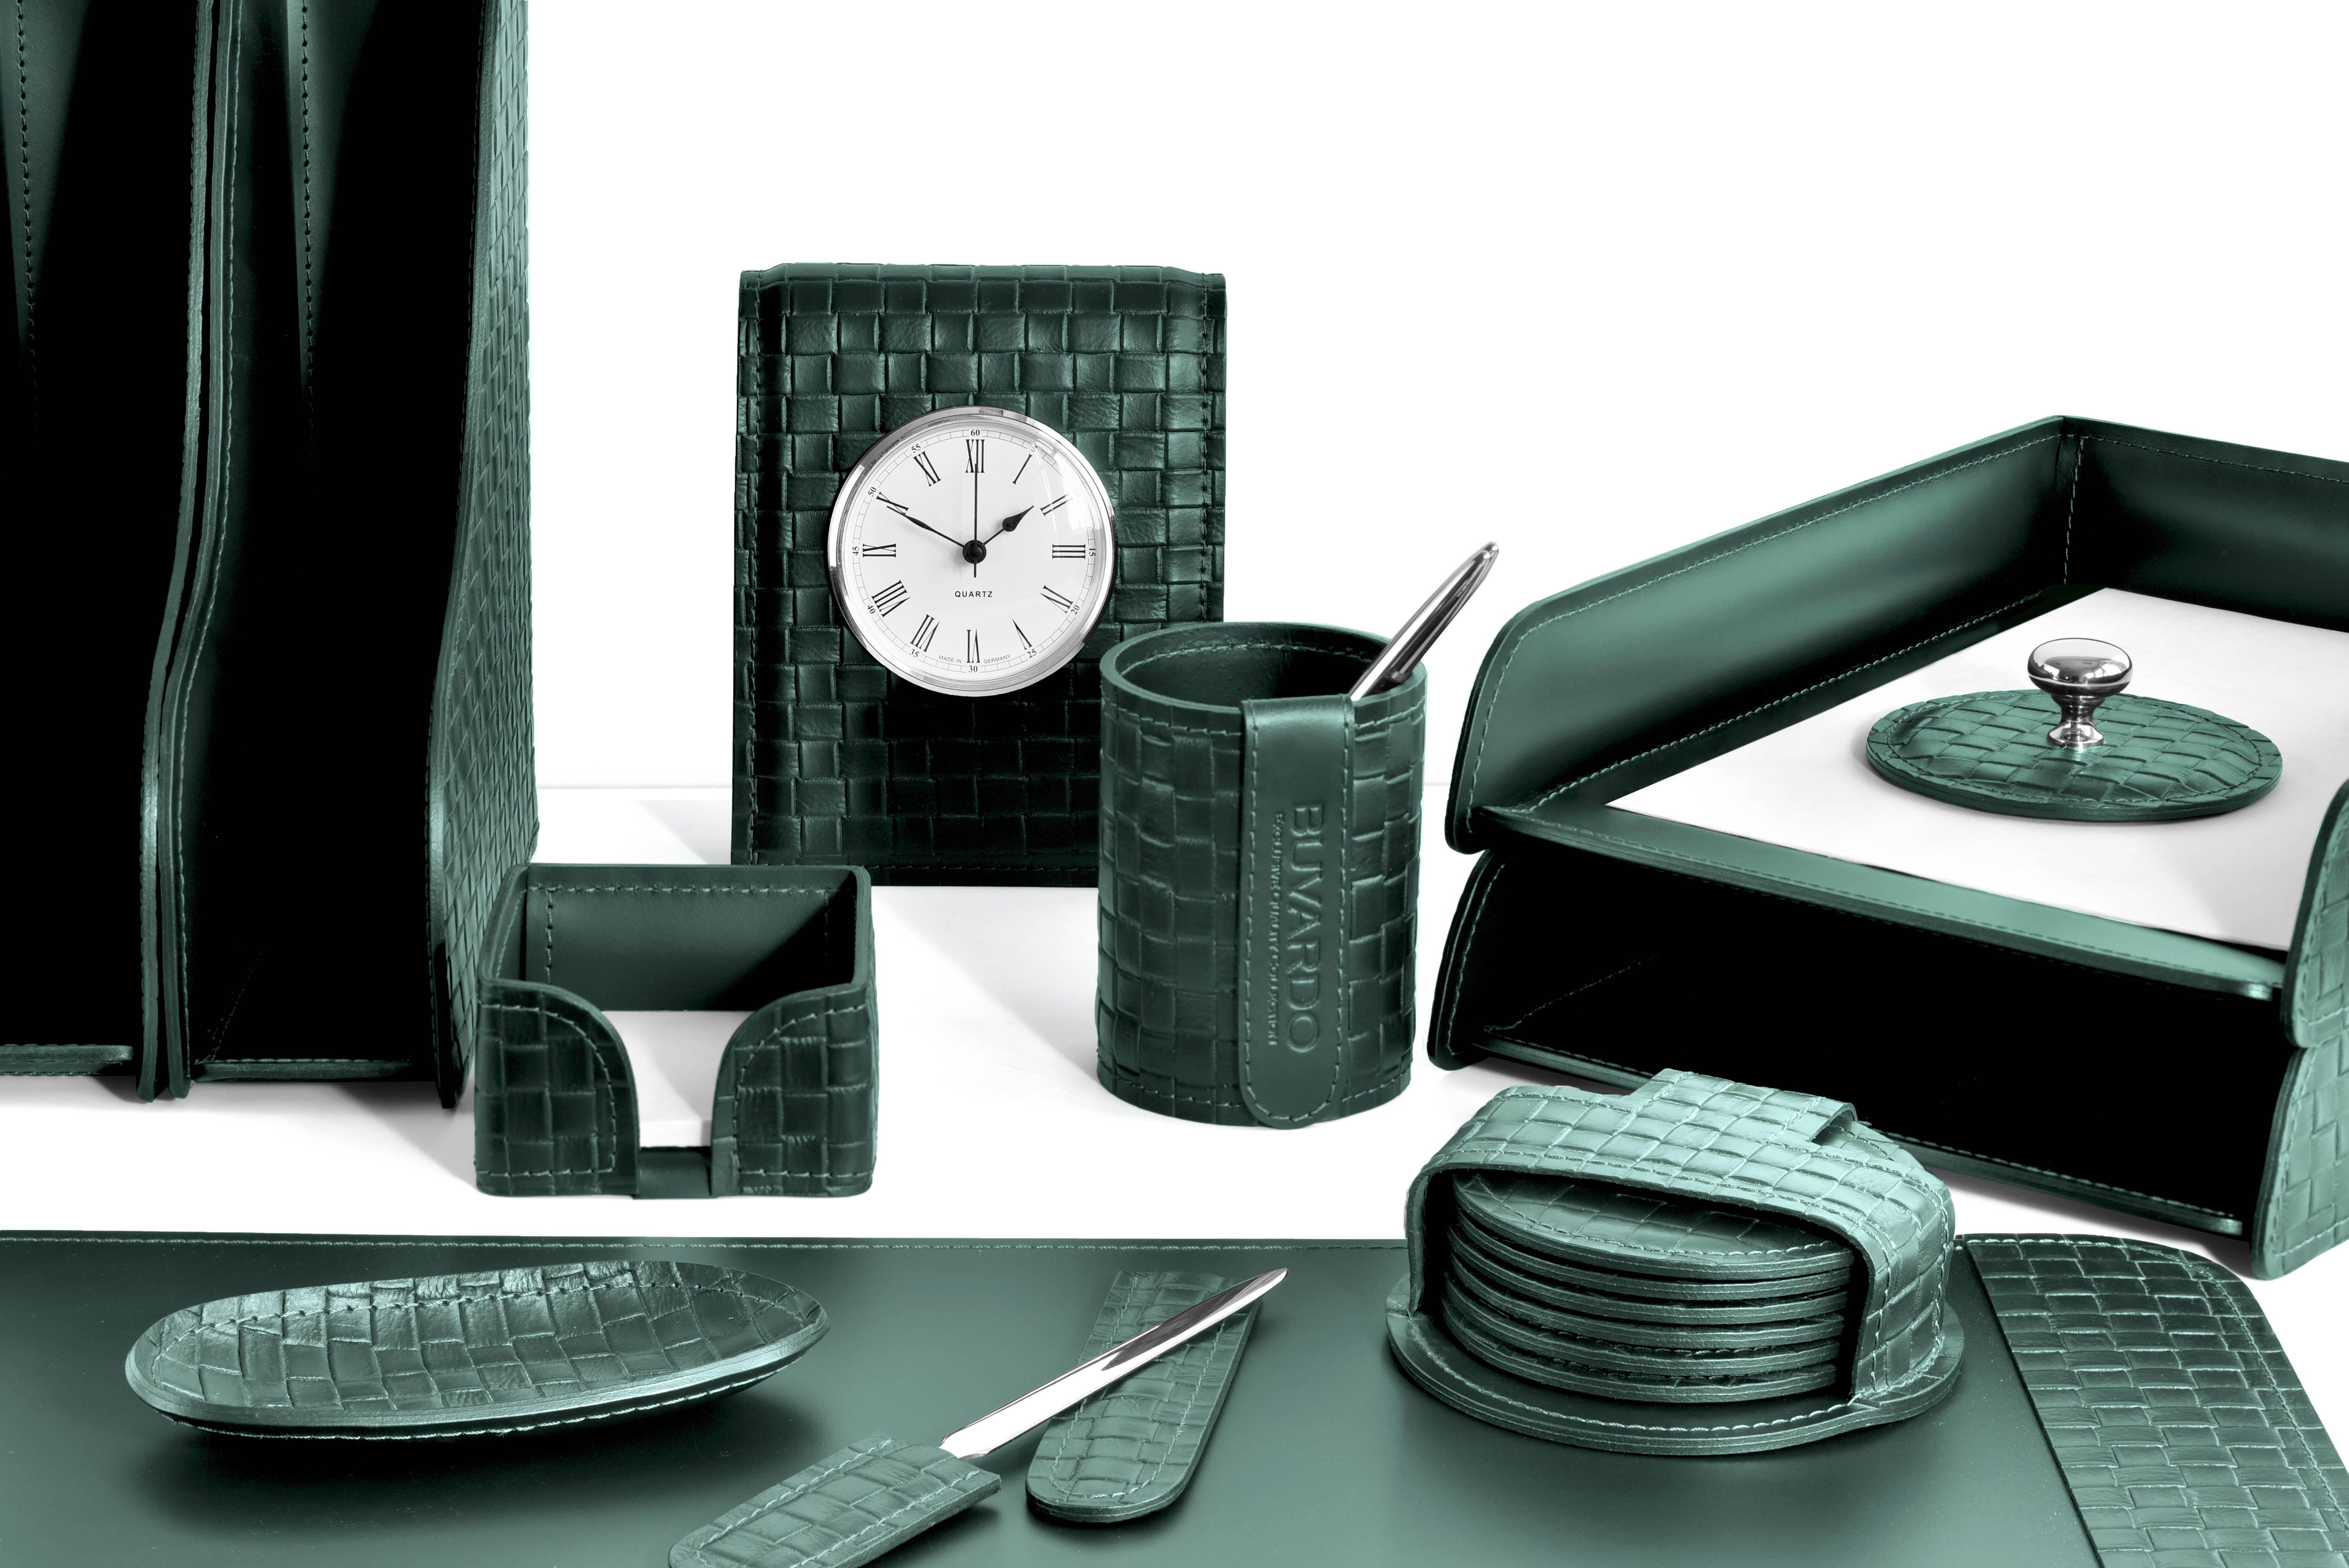 Набор руководителя  на стол из 12 предметов из зеленой кожи  с отделкой из тисненой кожи